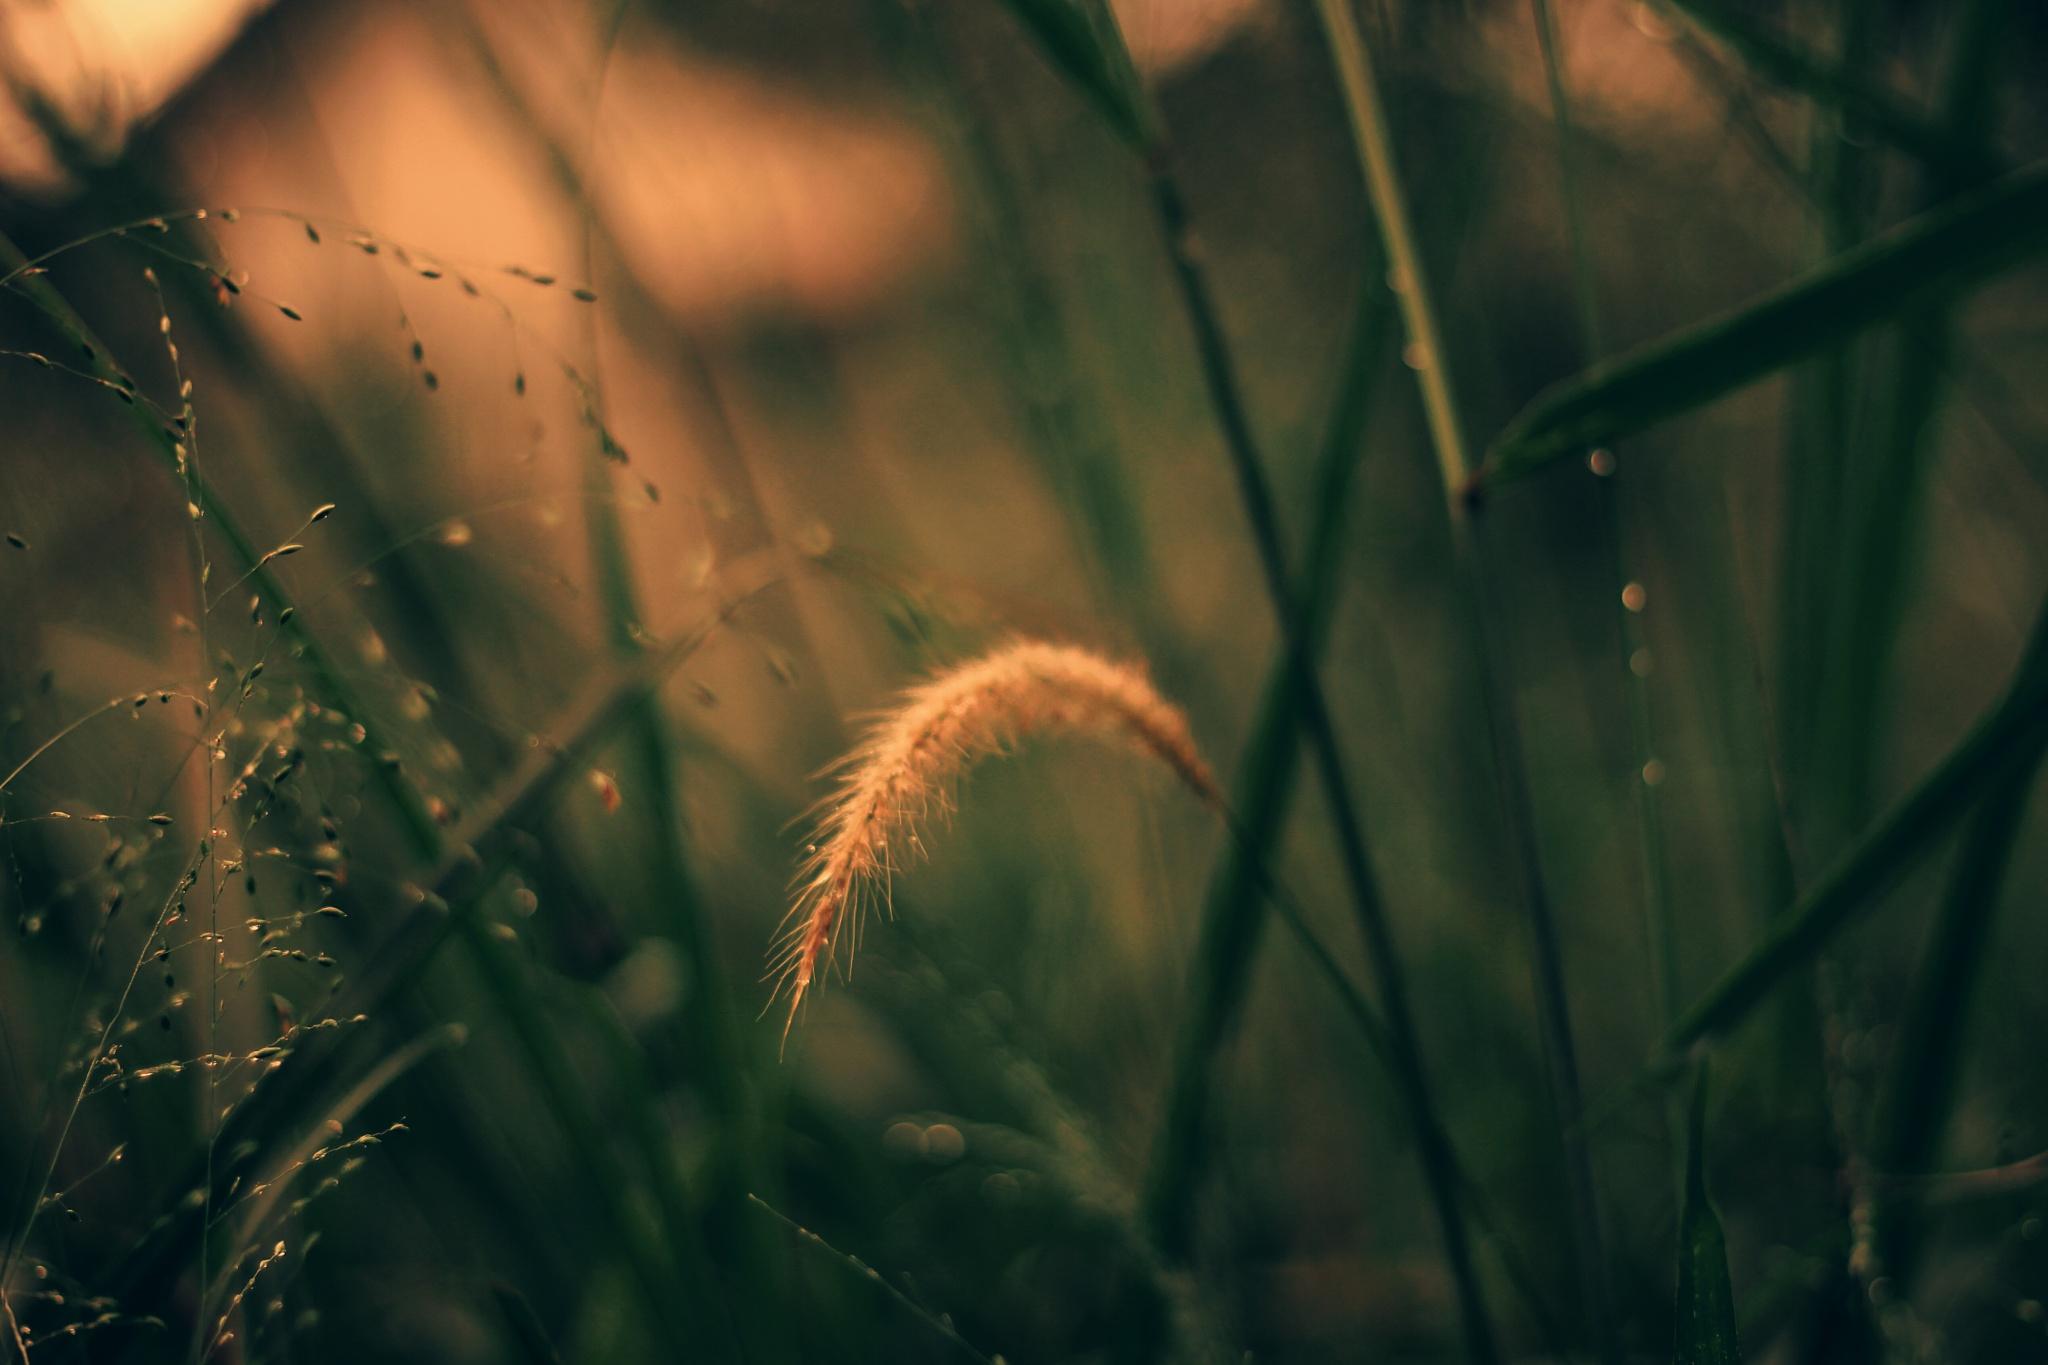 weeds by Nanang AS